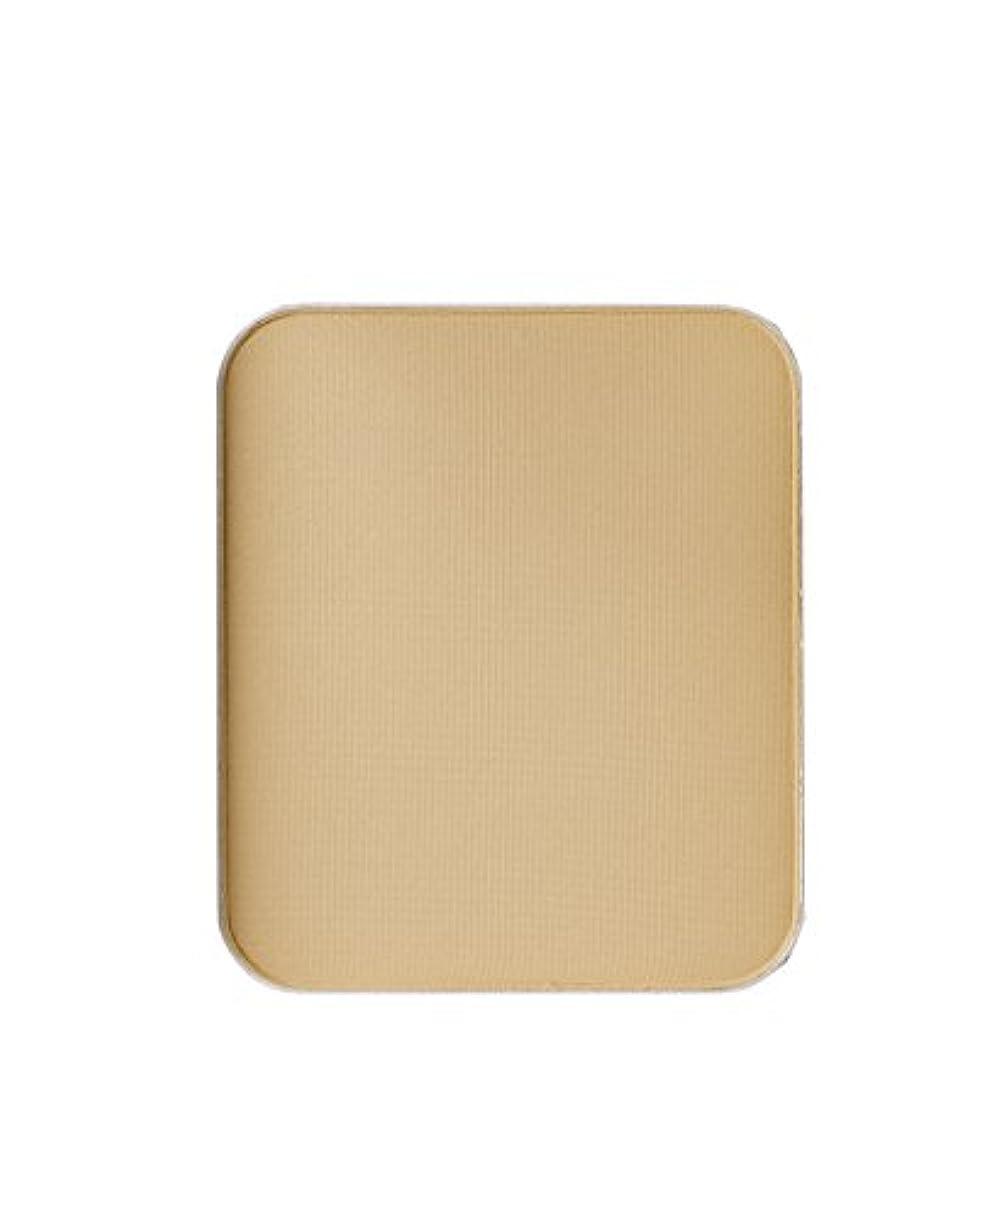 ナチュラグラッセ クリアパウダー ファンデーション OC1 (やや黄みよりの明るめの肌色) レフィル 11g SPF40 PA++++ 詰め替え用